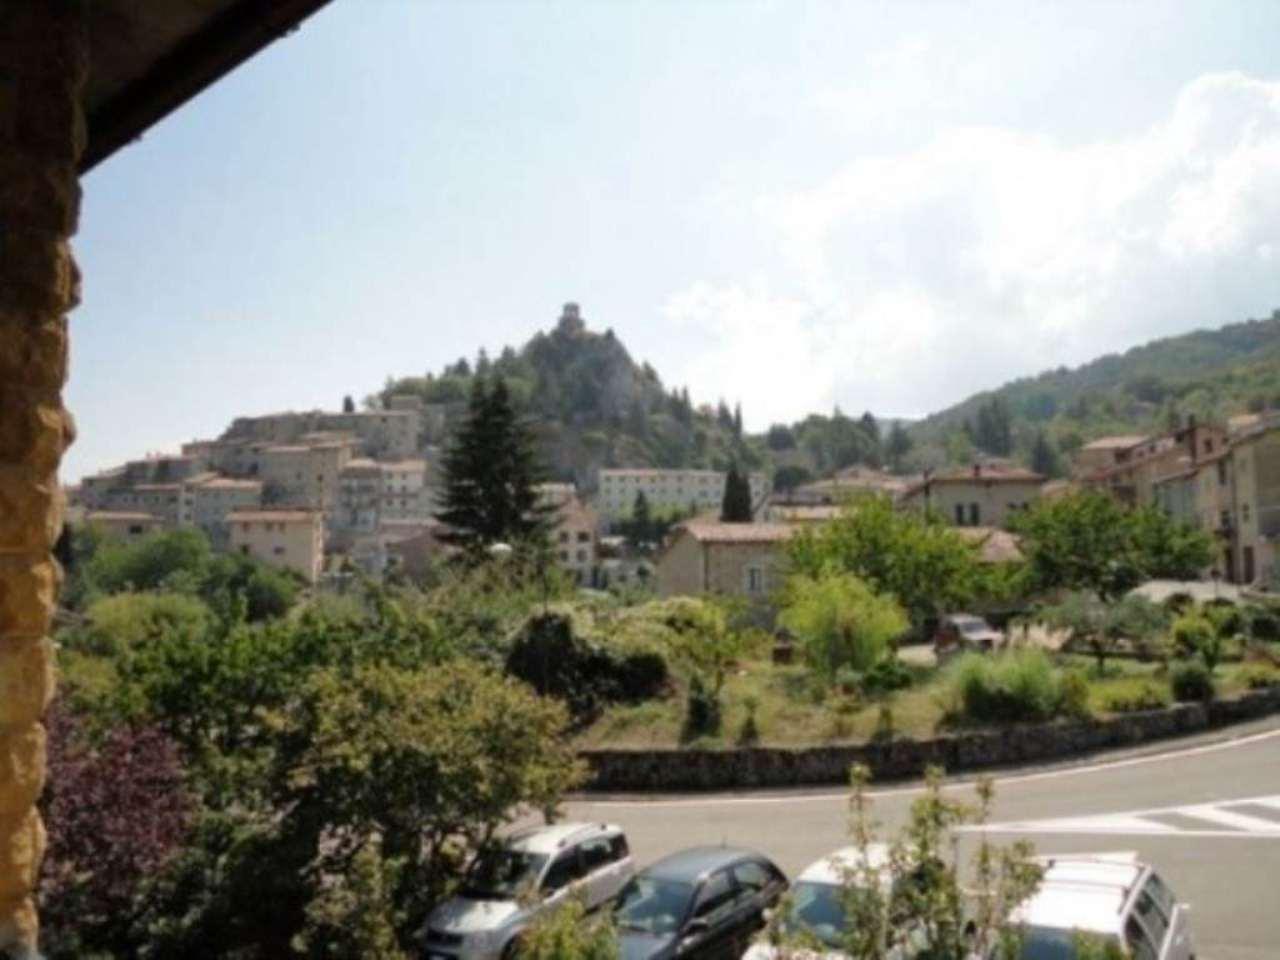 Appartamento in vendita a Castiglione d'Orcia, 6 locali, prezzo € 60.000 | Cambio Casa.it